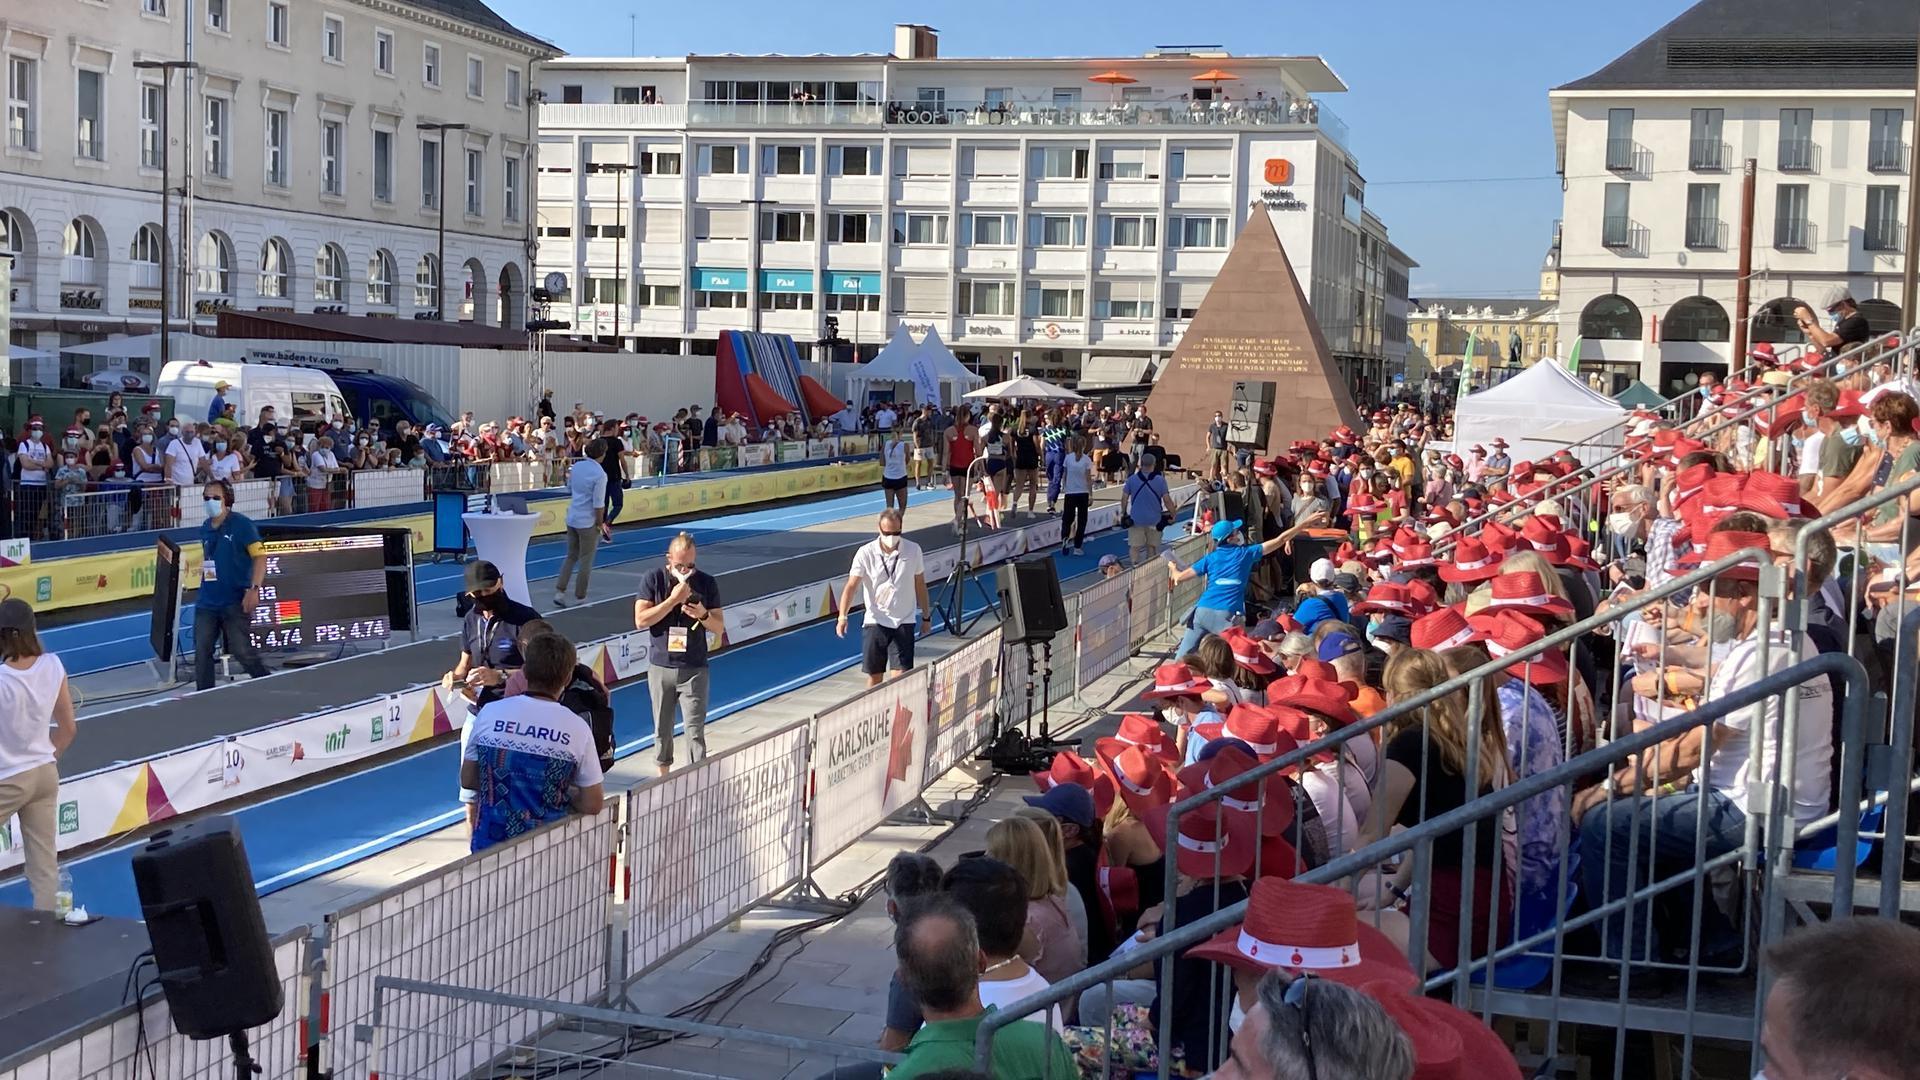 Für das Sprung-Spektakel wurde der Marktplatz in eine Leichtathletik-Arena verwandelt.